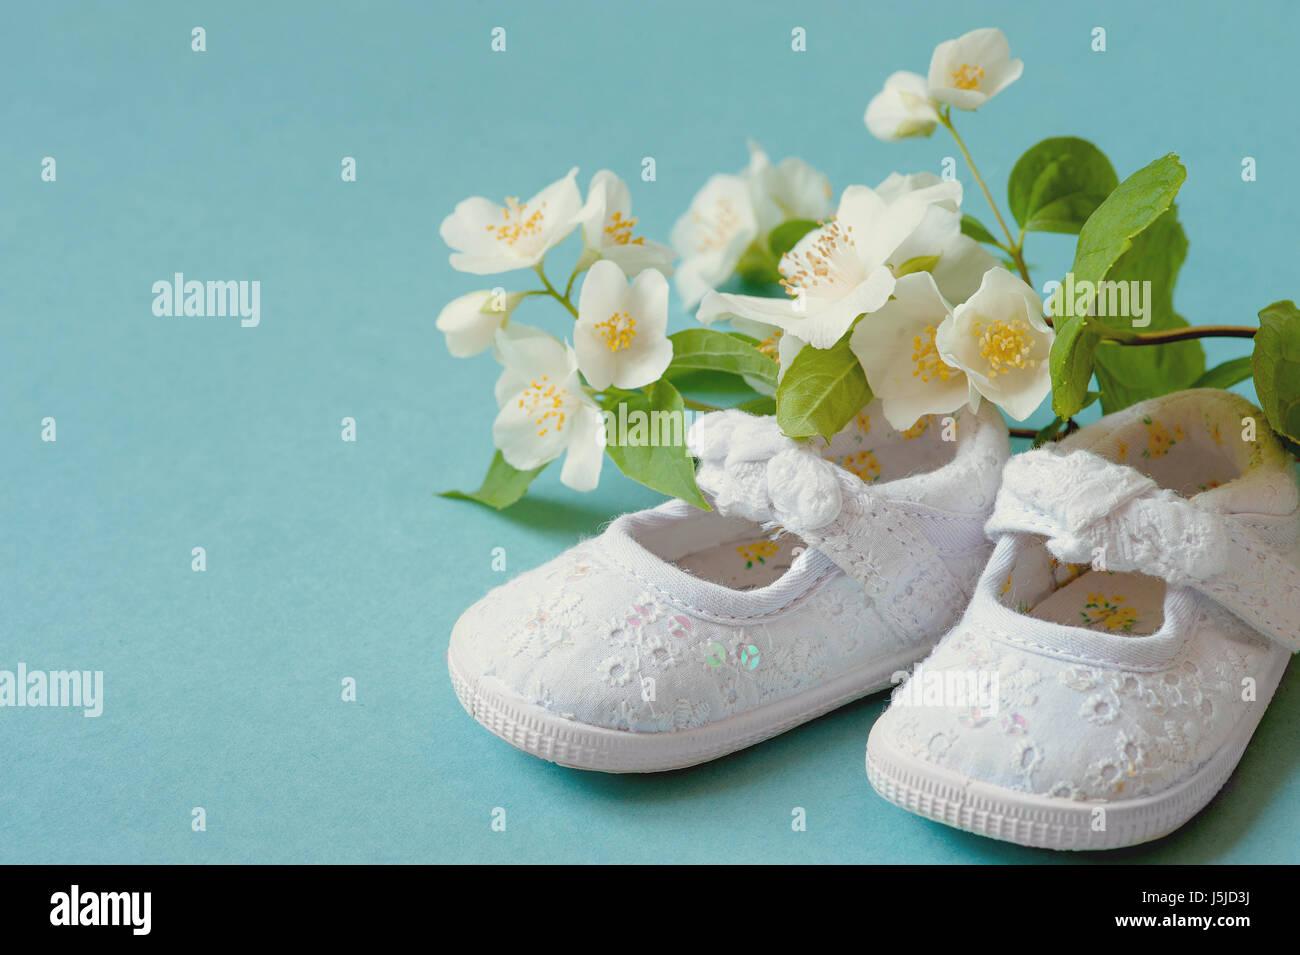 3dd46924335 ... bebé lactante zapatos de cuero con flores de primavera en fondo cián y  sala o espacio para copiar texto